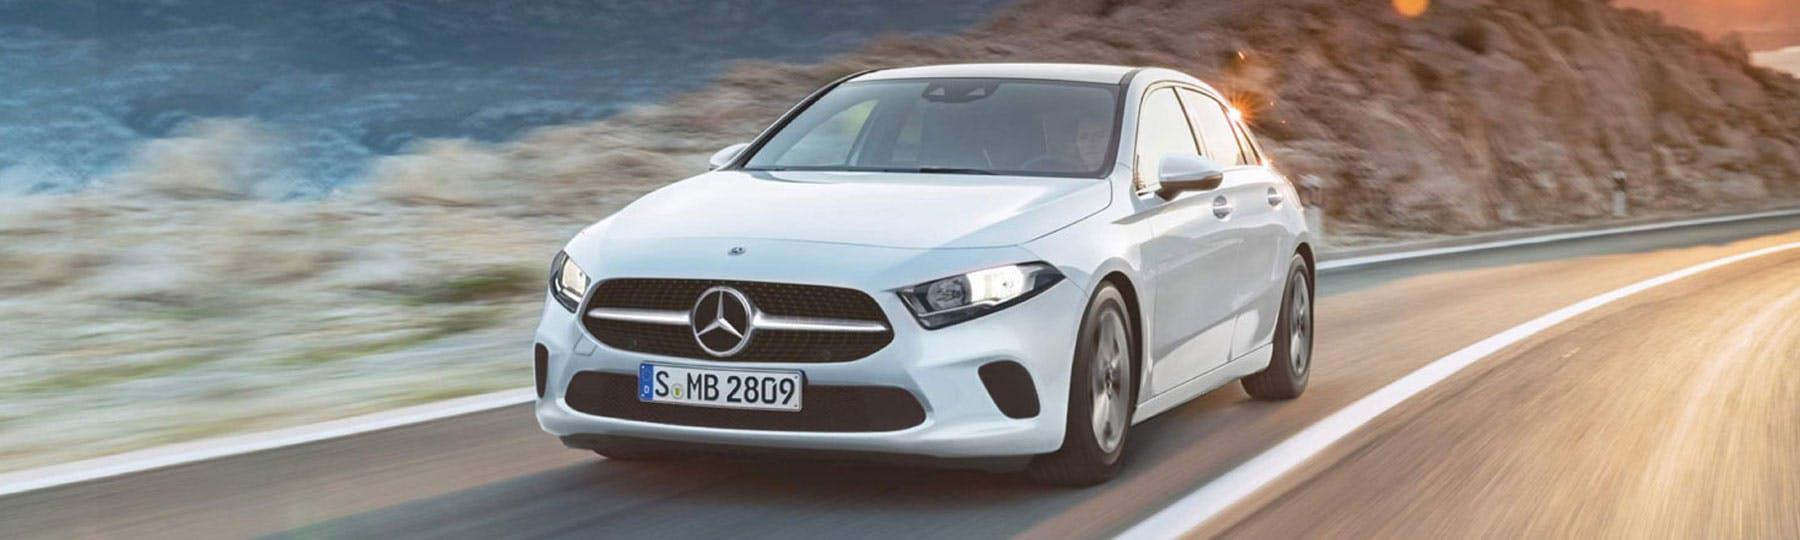 Mercedes-Benz A-Class Motability Offers   Mercedes-Benz Mobility